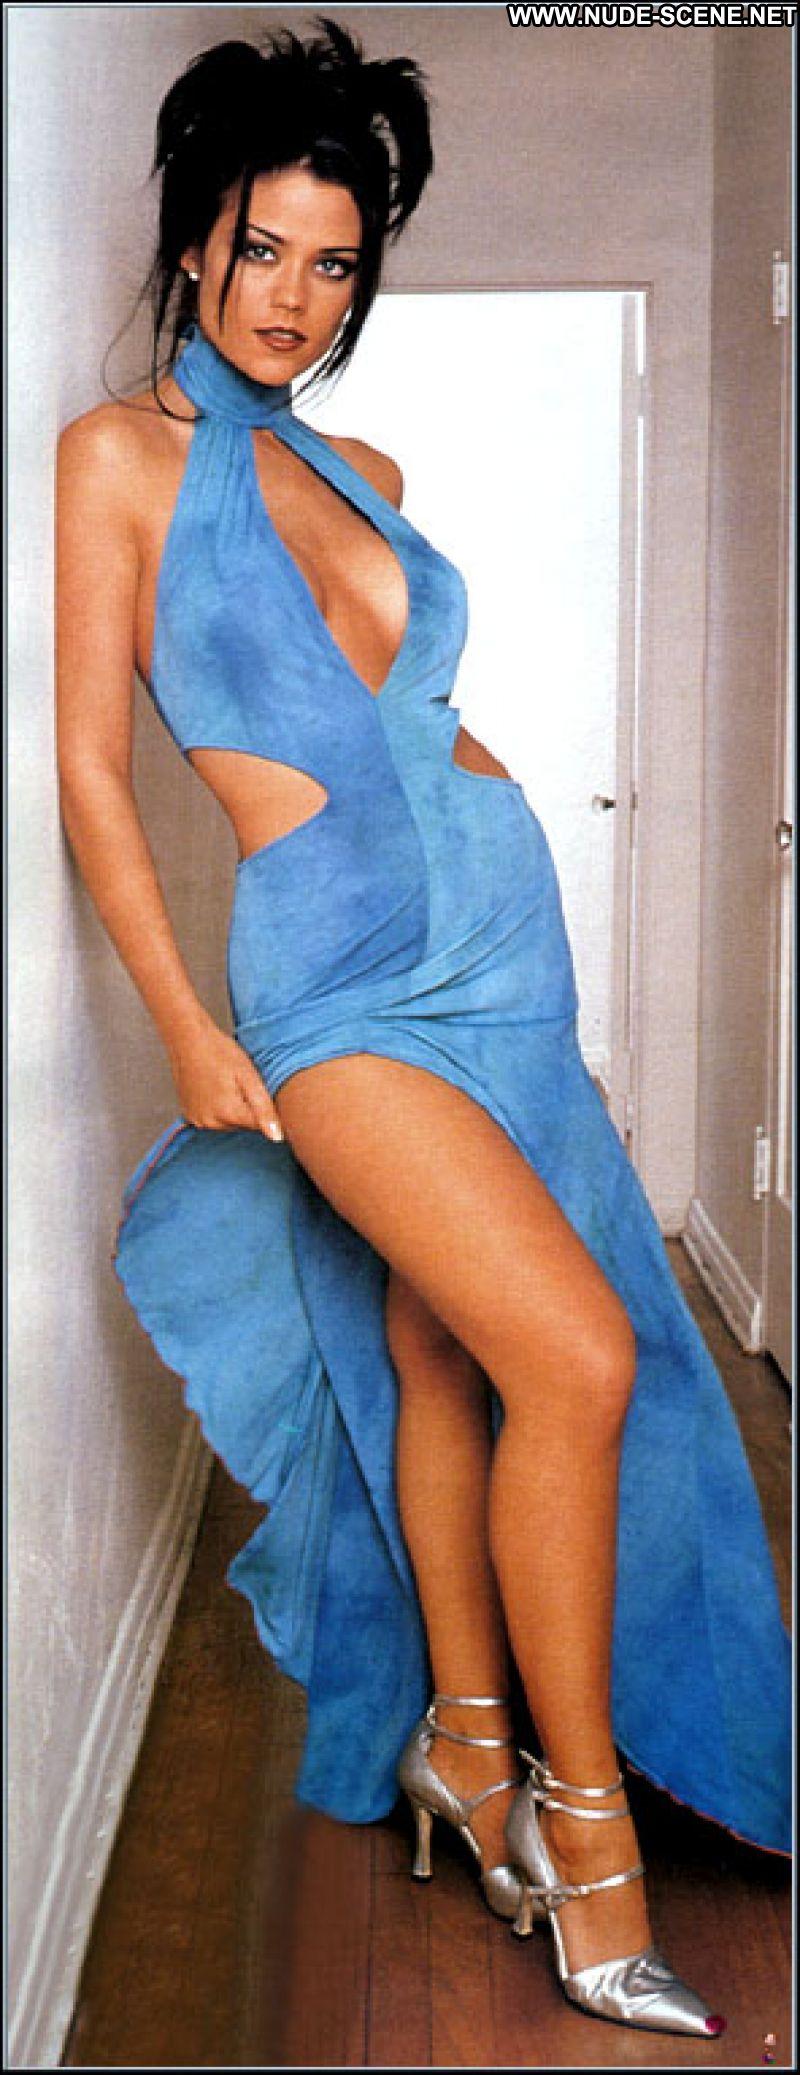 Susan Ward Celebrity Posing Hot Babe Celebrity Nude Famous ...: https://www.nude-scene.net/g/1399857070-susan-ward-hot-famous-celebrity-babe/